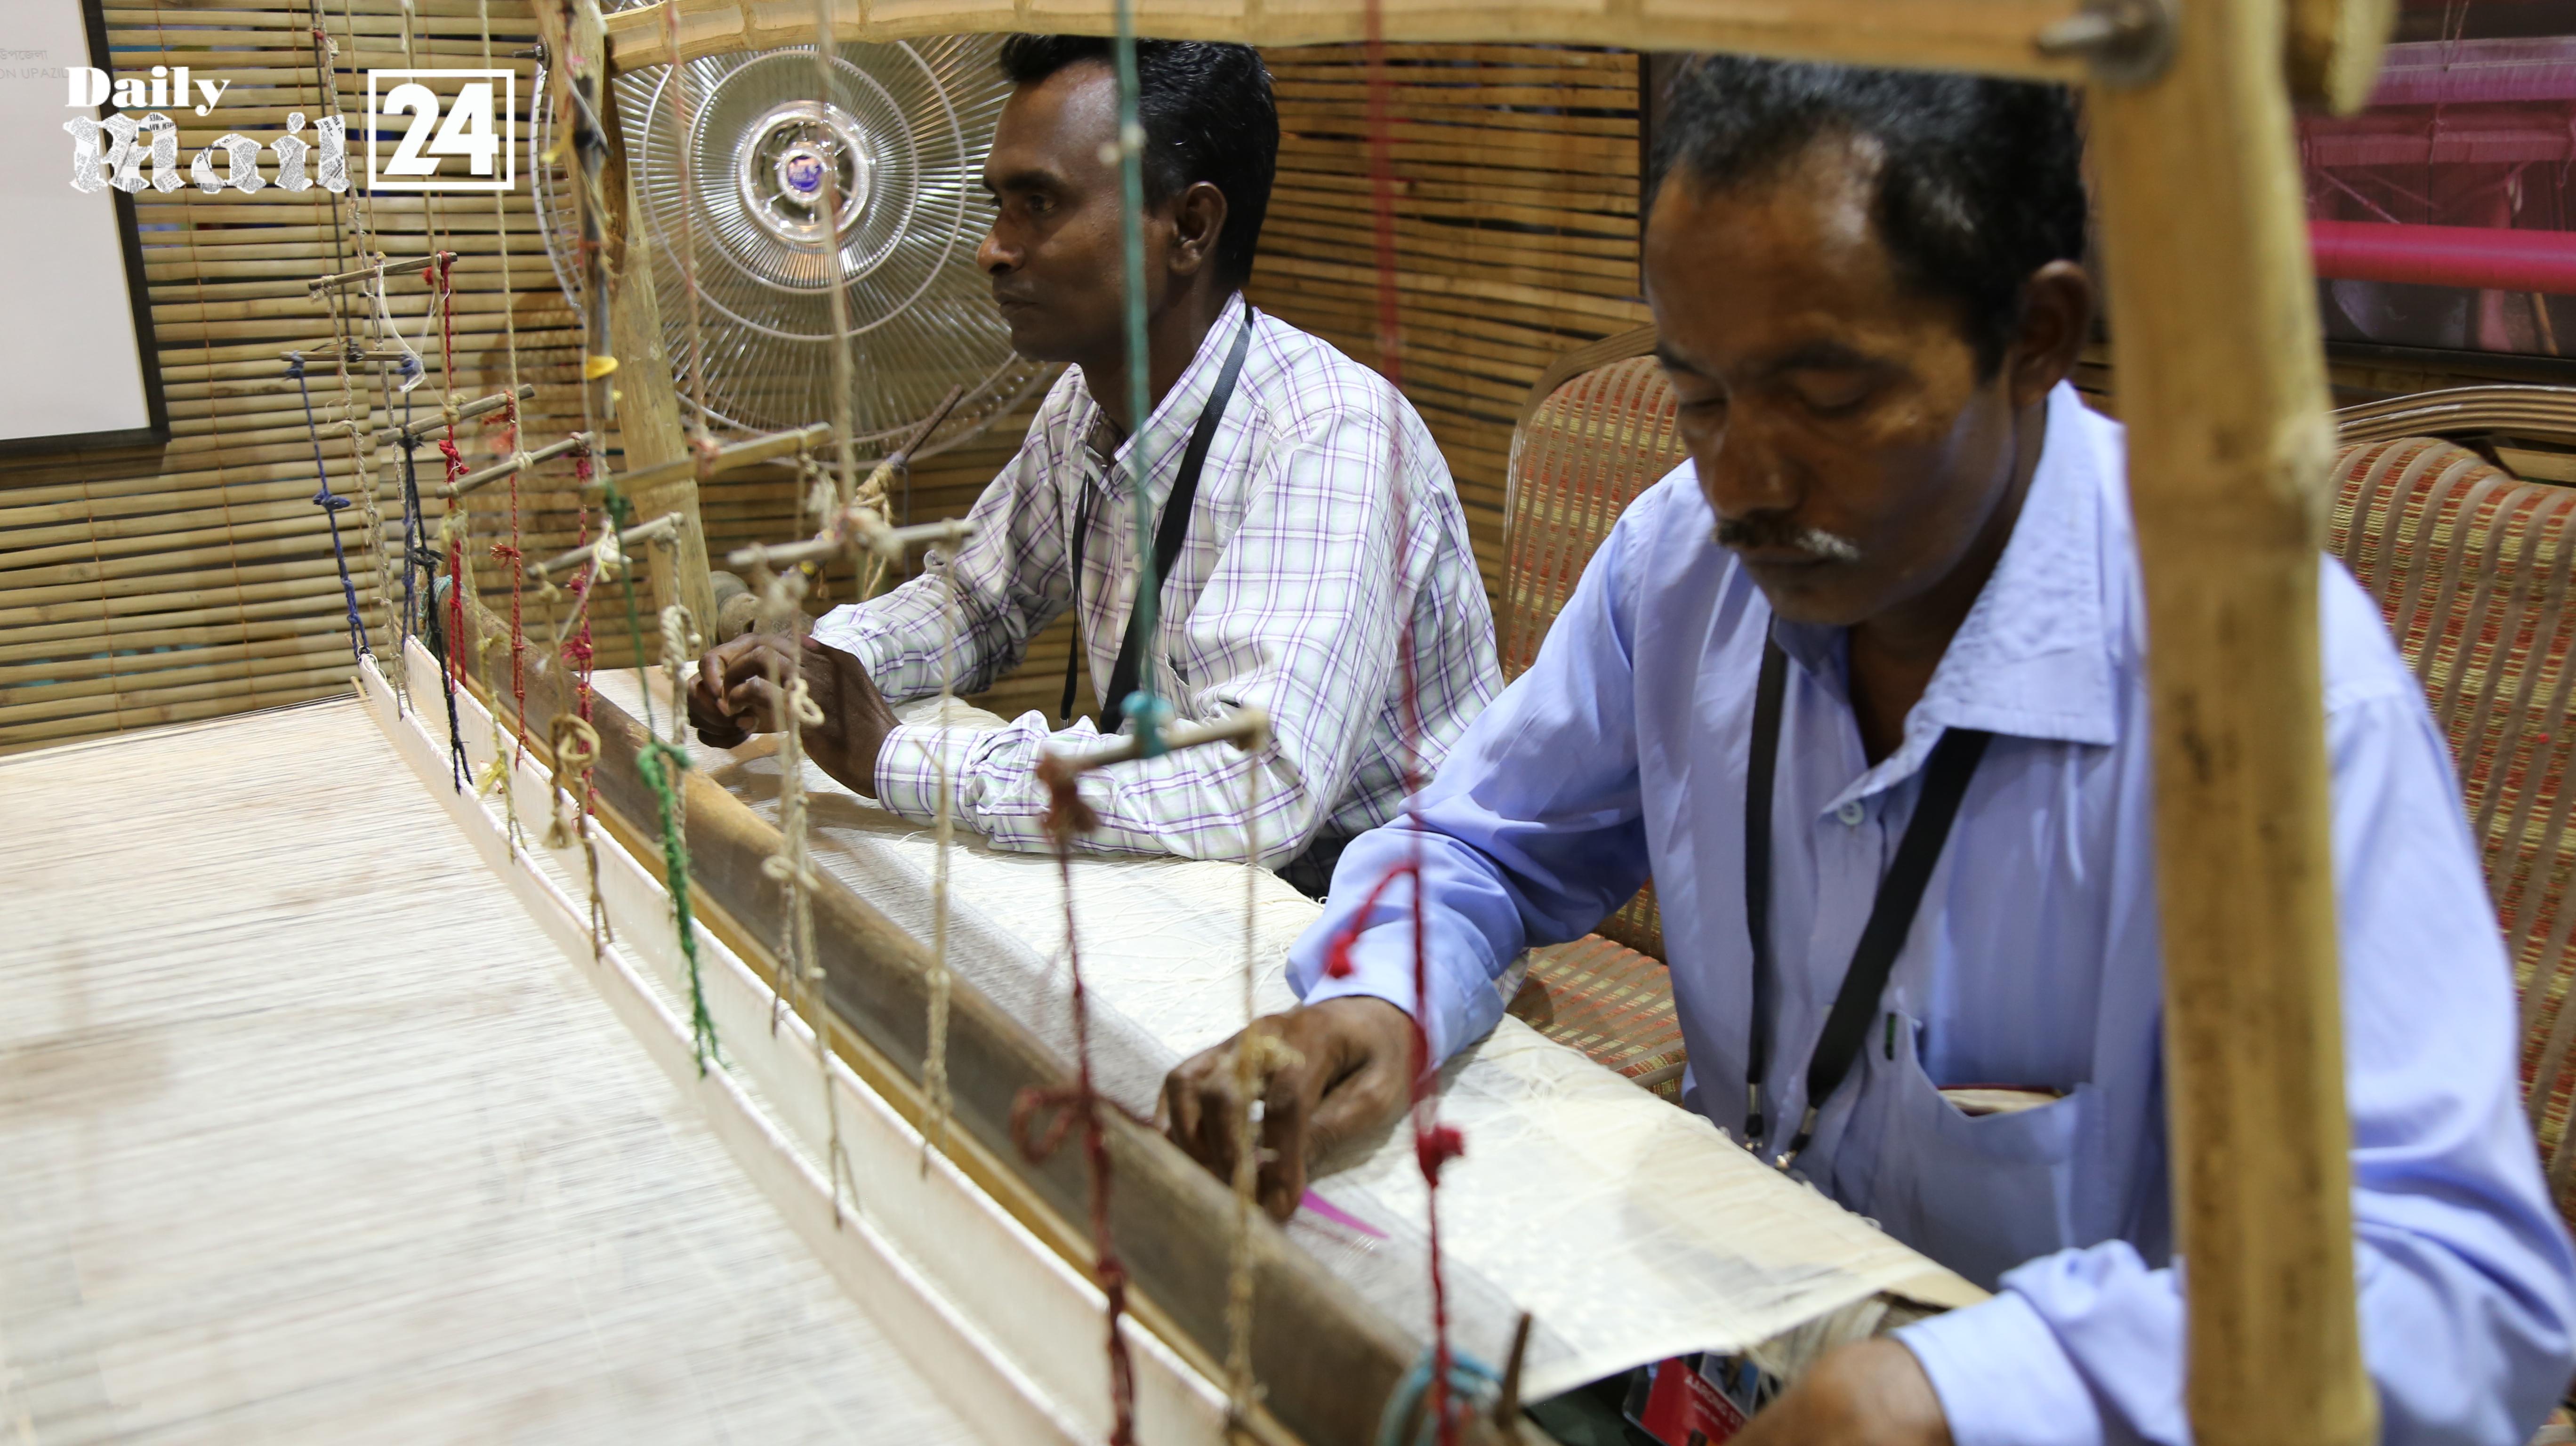 জমজমাট আয়োজনে সুরু হল'আড়ং ফরটি ইয়ার্স ফেস্টিভ্যাল'